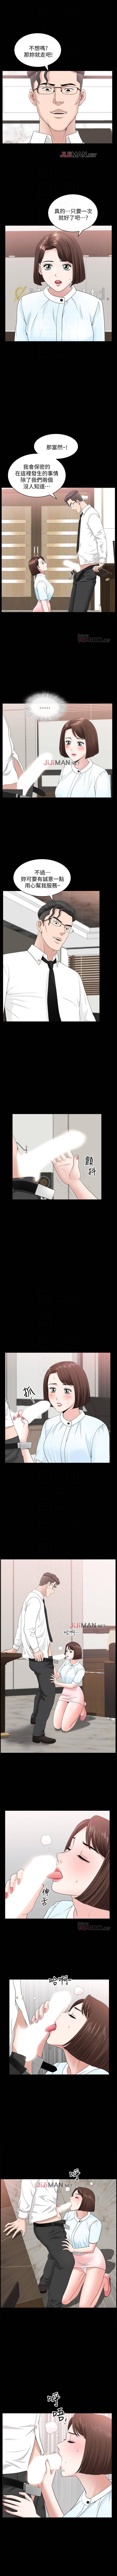 【周日连载】双妻生活(作者:skyso) 第1~23话 108